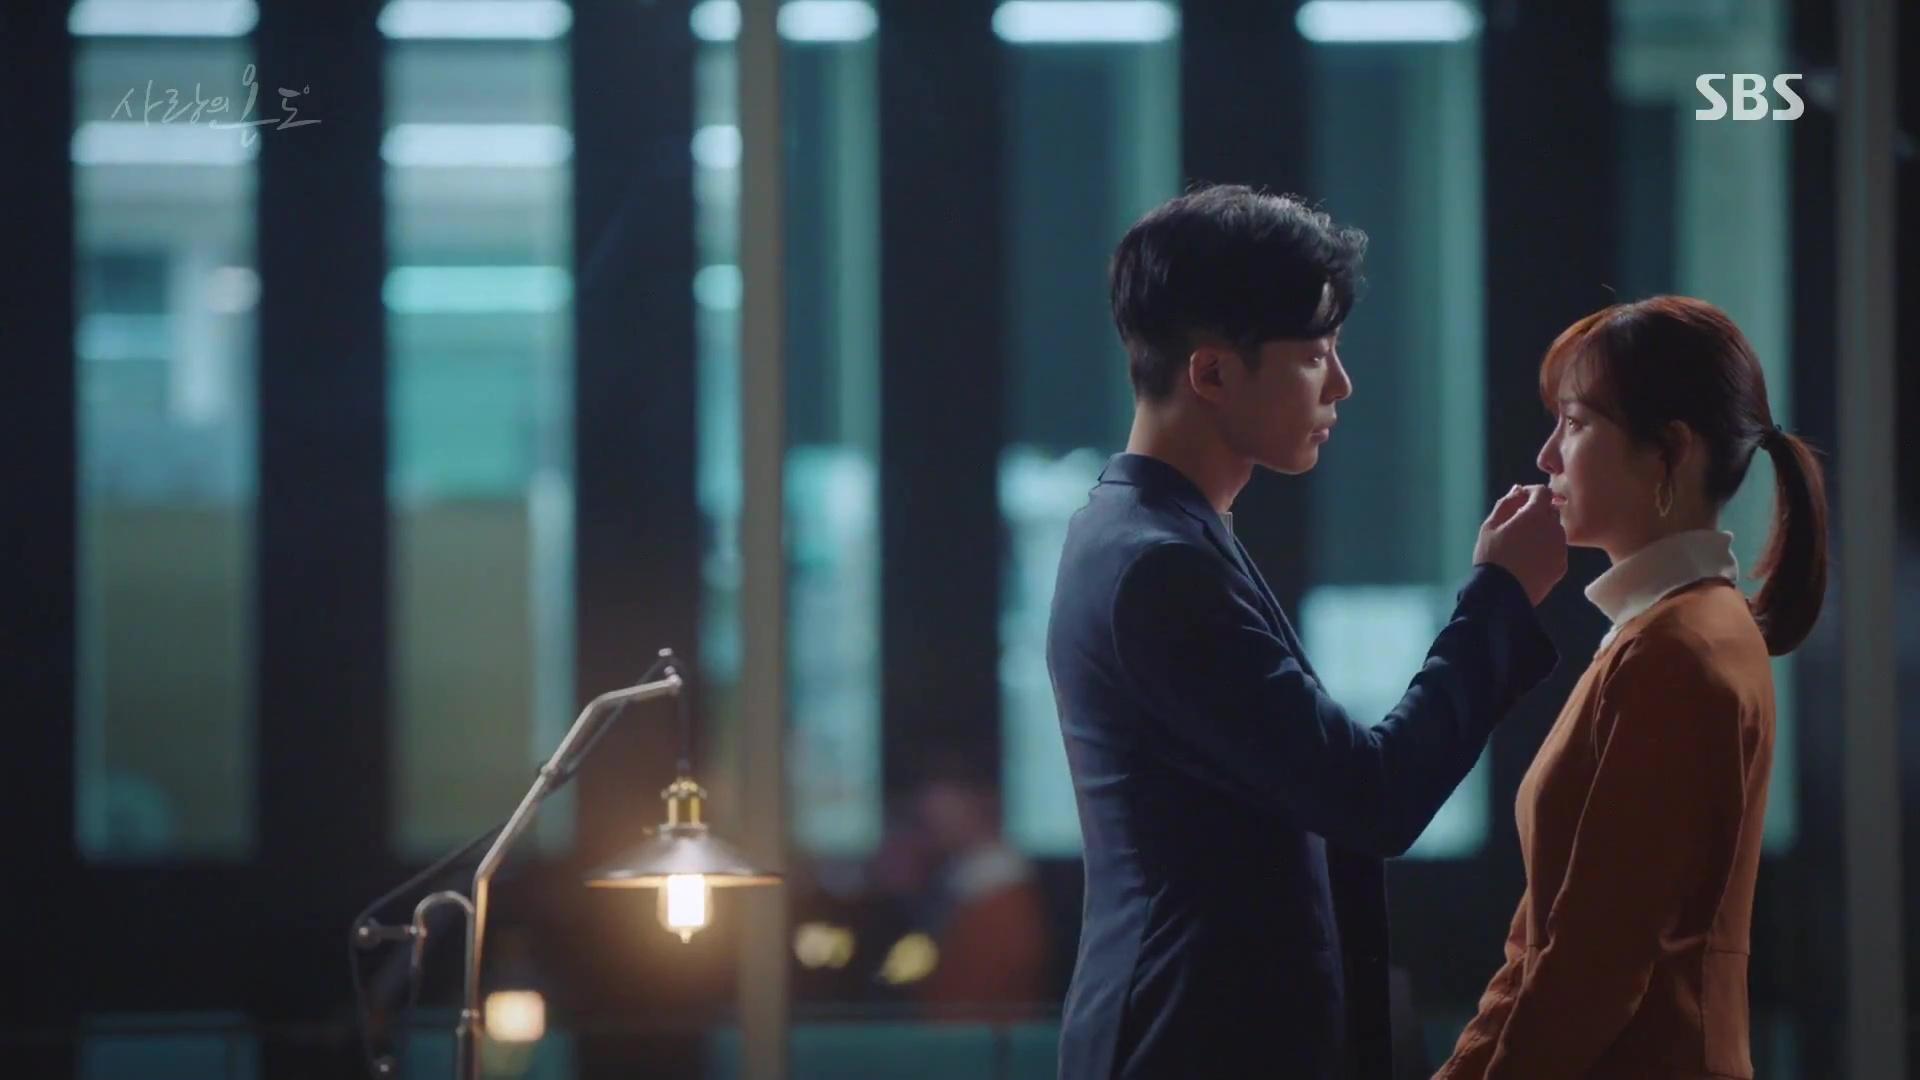 Bị nam chính bơ đẹp, yêu nữ số 1 Hàn Quốc nuốt không nổi cơm, quyết phục thù - Ảnh 22.